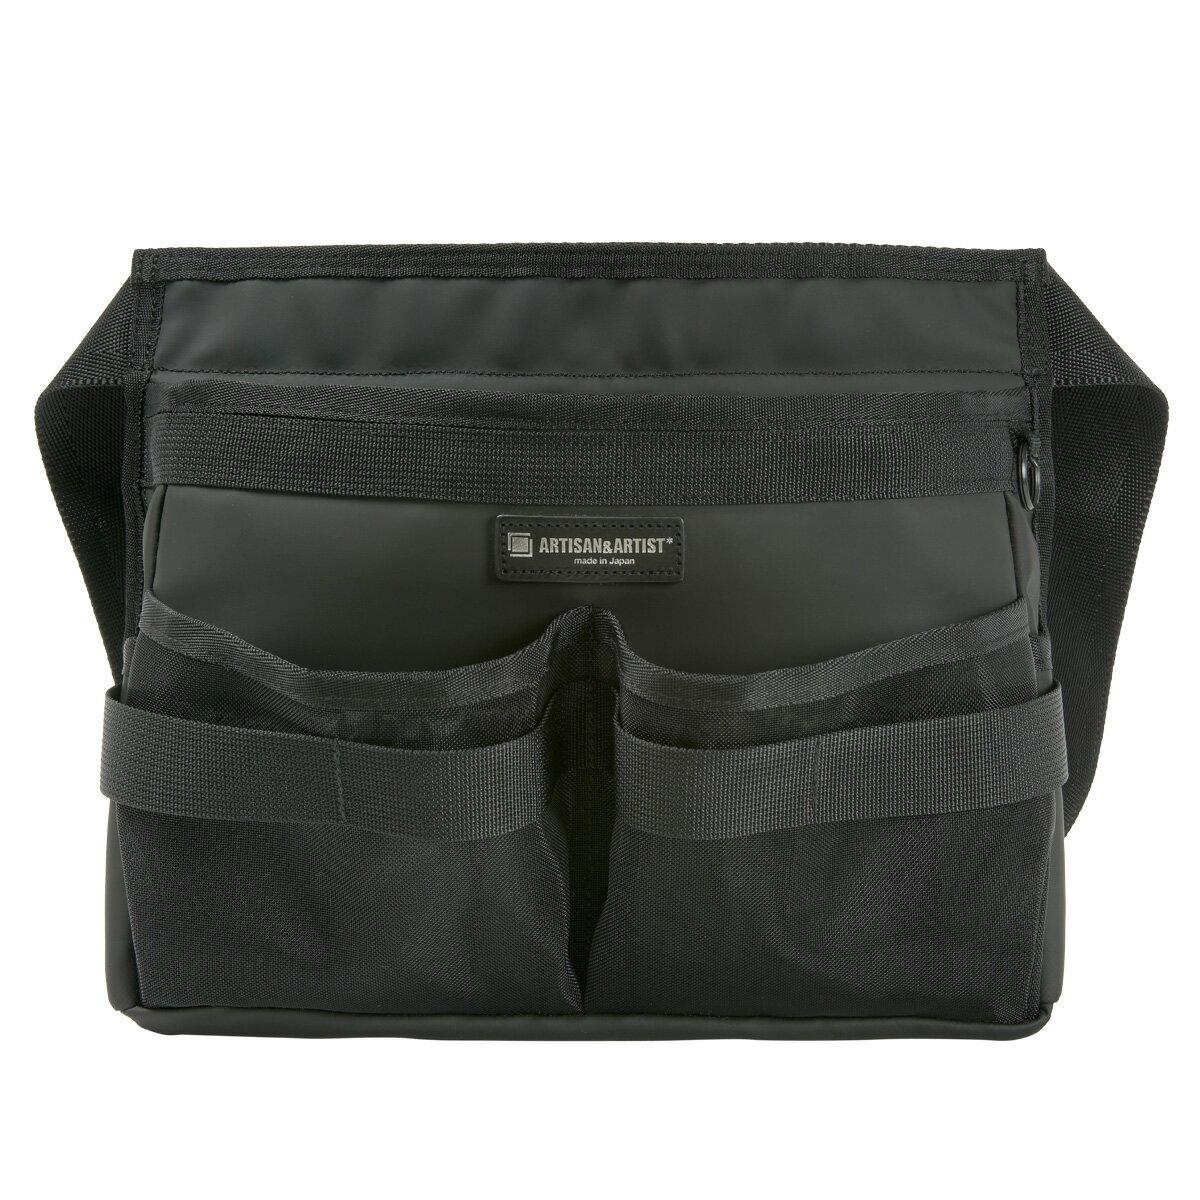 レディースバッグ, 化粧ポーチ 1000OFF ARTISANARTIST MAKEUP WAIST BAG L XWM-PF311